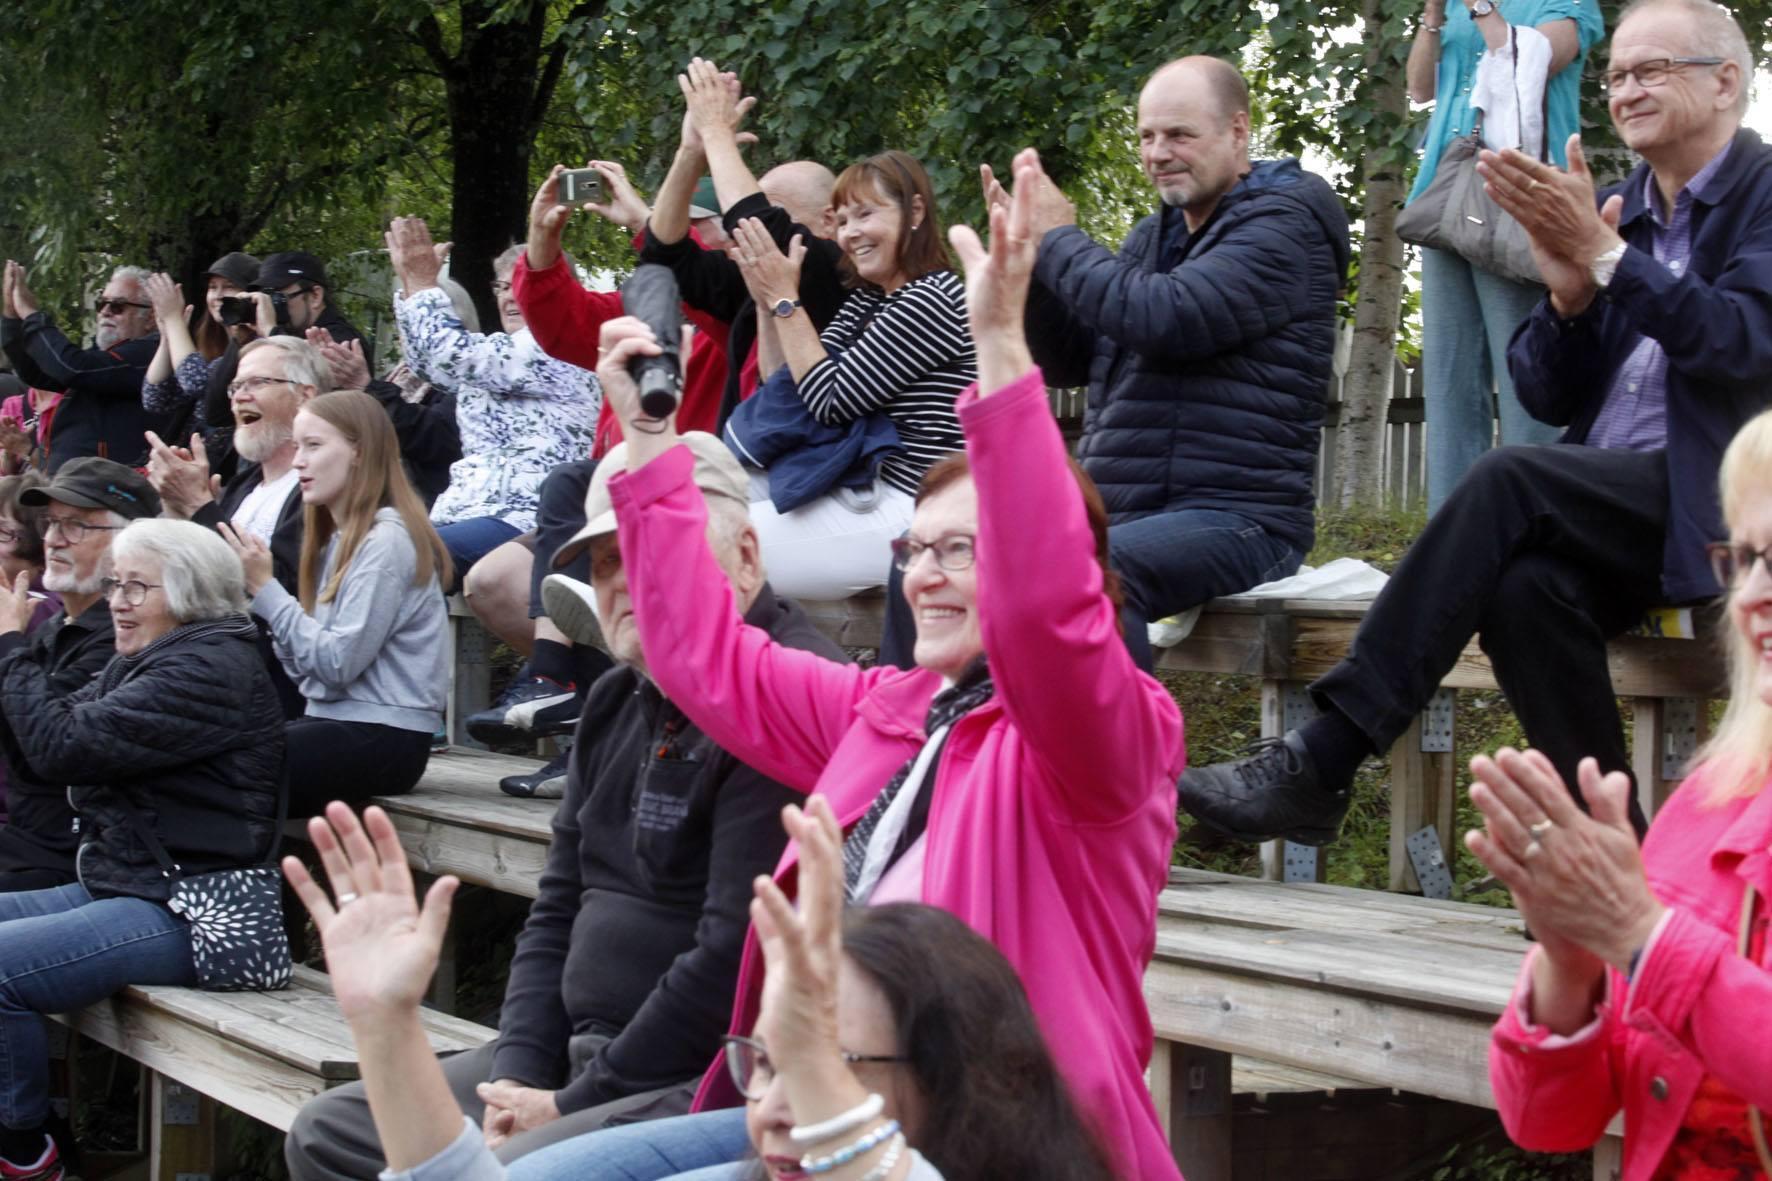 Katsomossa istuvat ihmiset hurraavat kädet ylhäällä. Keskellä nainen pinkissä takissa.